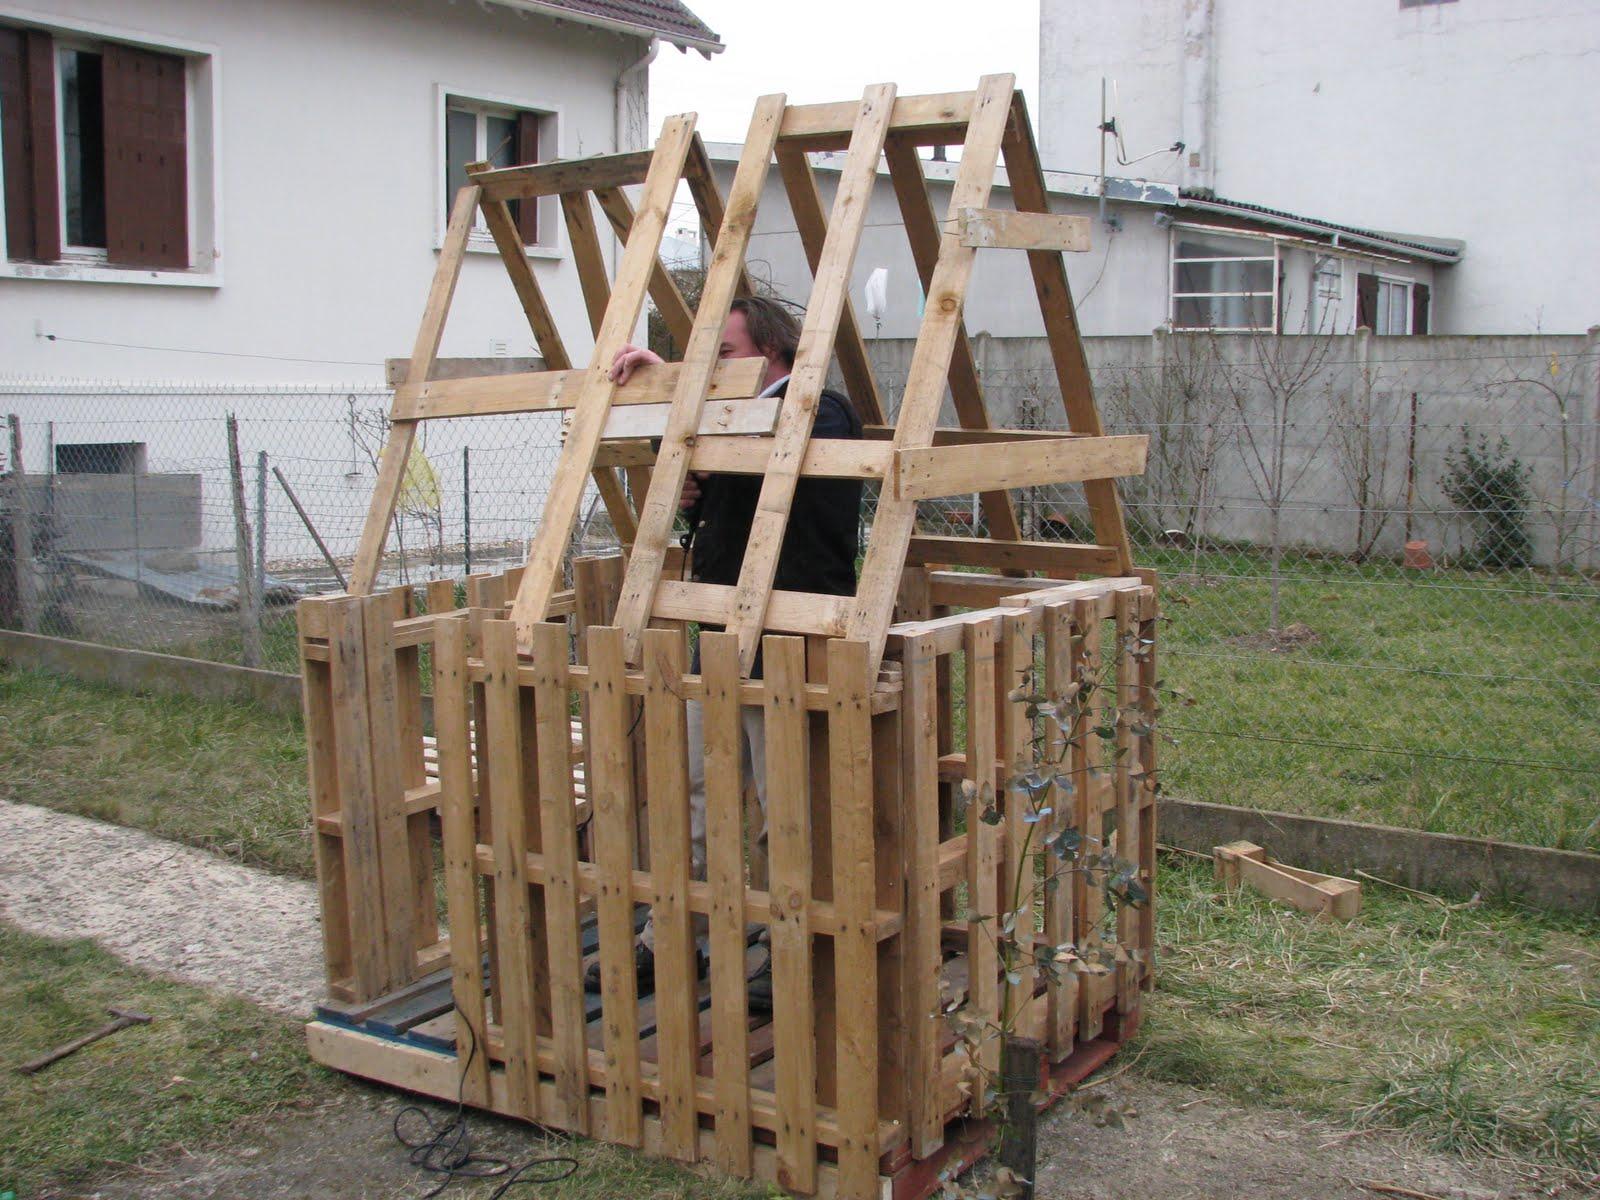 Comment construire une cabane avec des palettes for Pour construire une maison